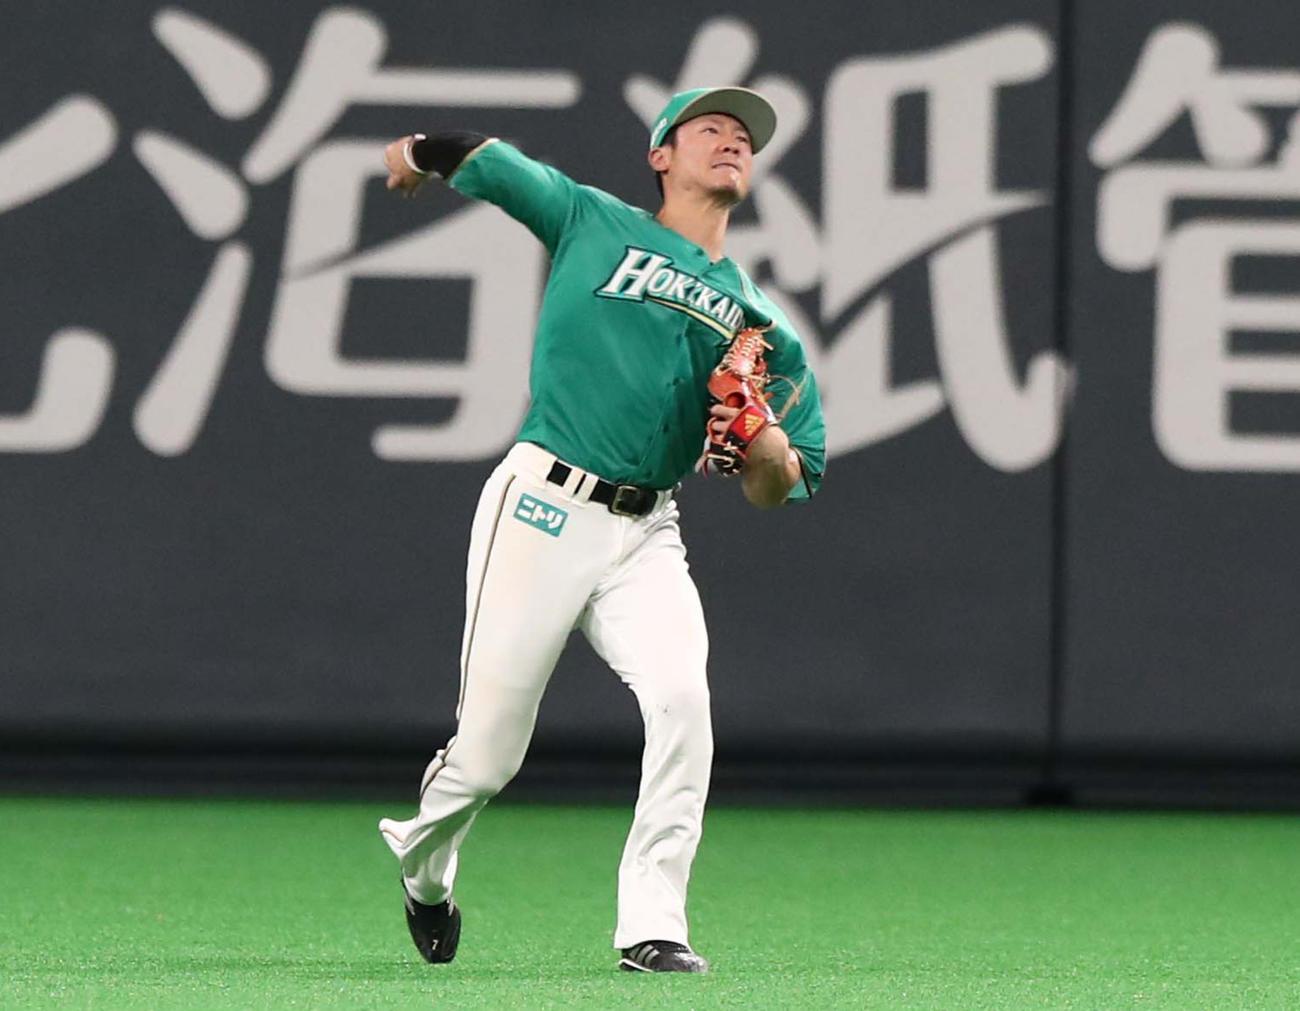 中堅から送球する日本ハム西川(2019年5月8日撮影)